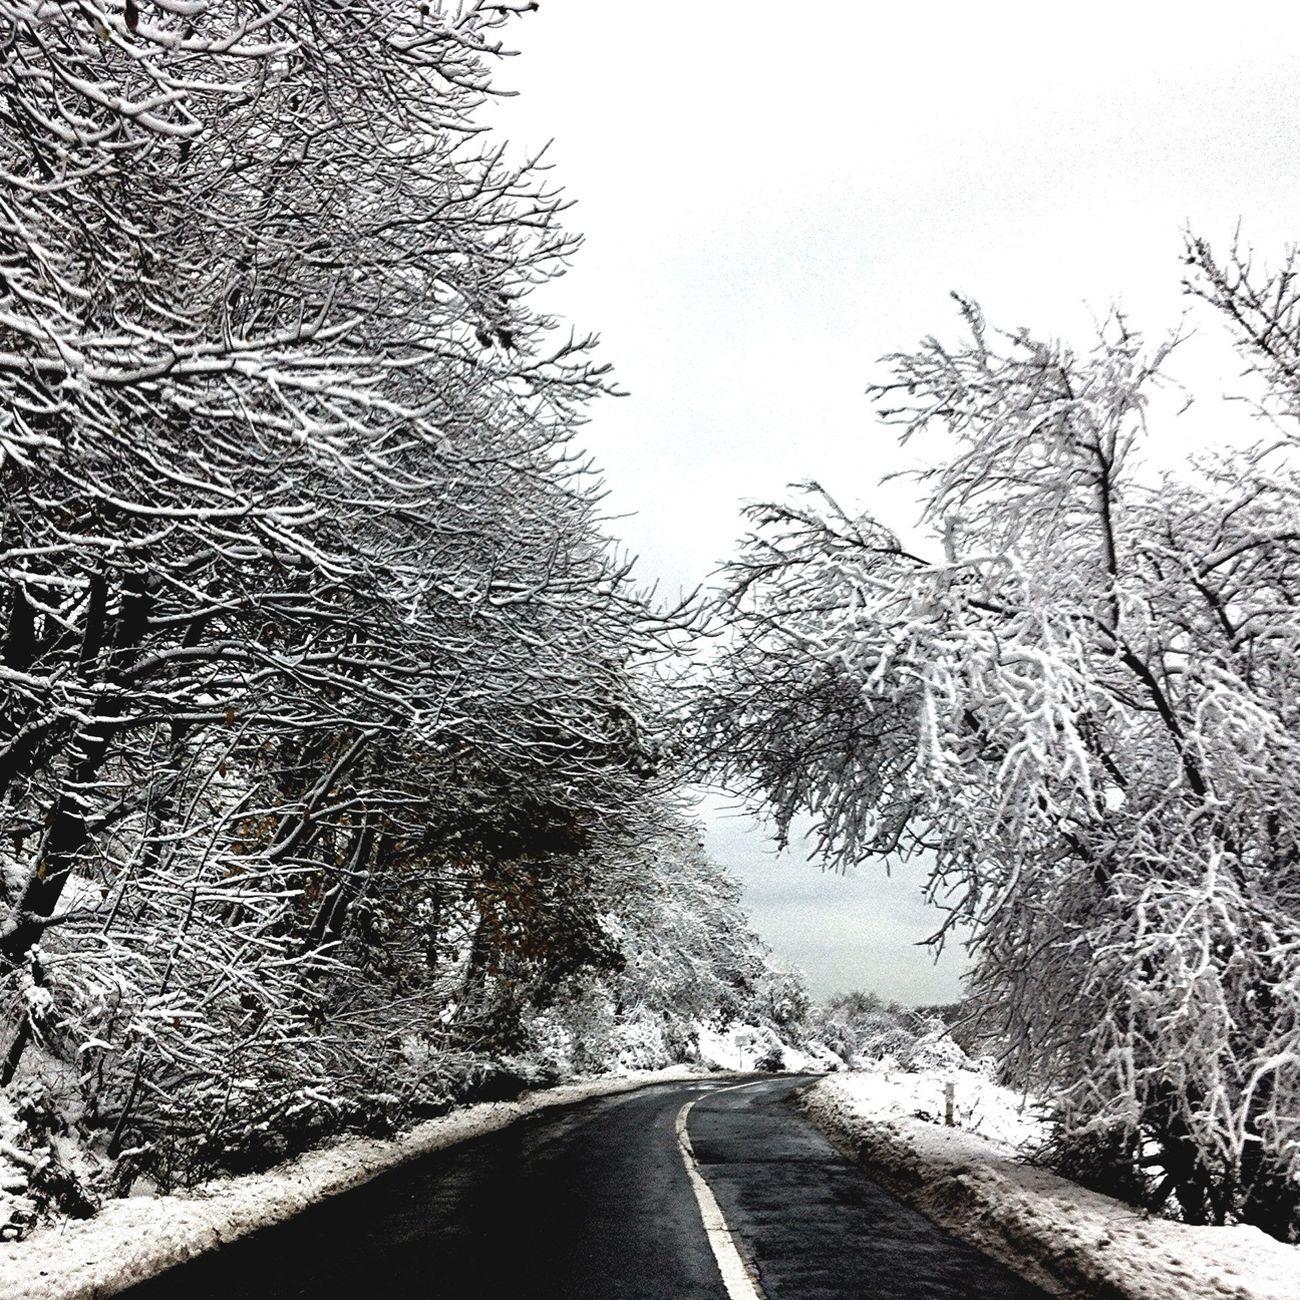 #snowbound